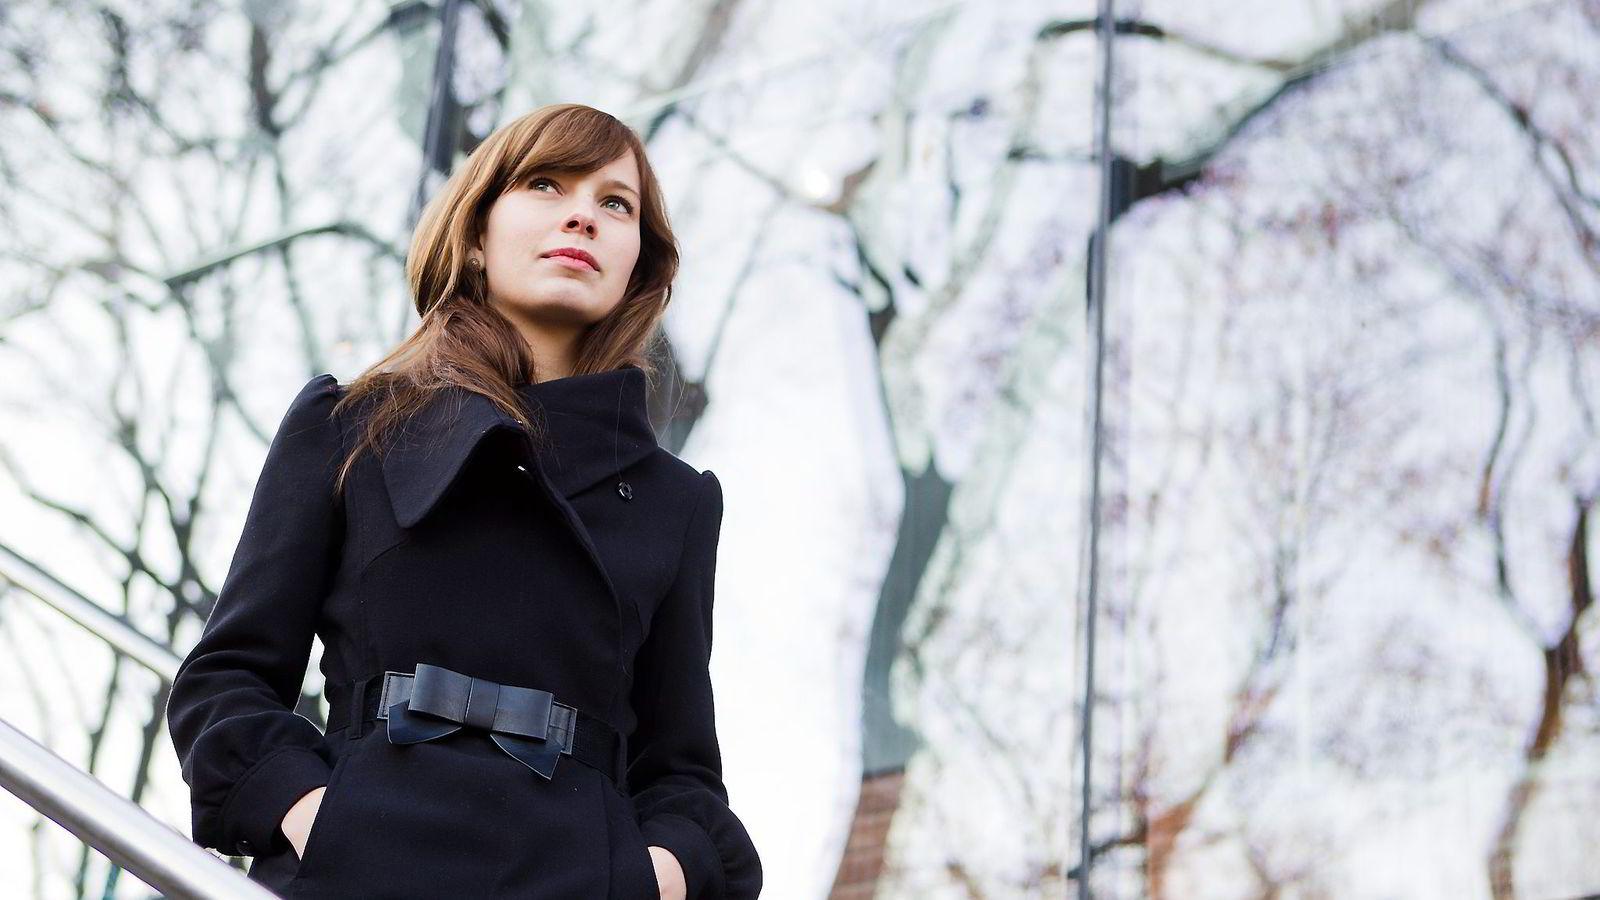 Artisten Marit Larsen kunngjorde i julen at hun etter ti år hos plateselskapet Warner tar farvel med selskapet og fremover vil eie sin egen musikk. Foto: Berit Roald,